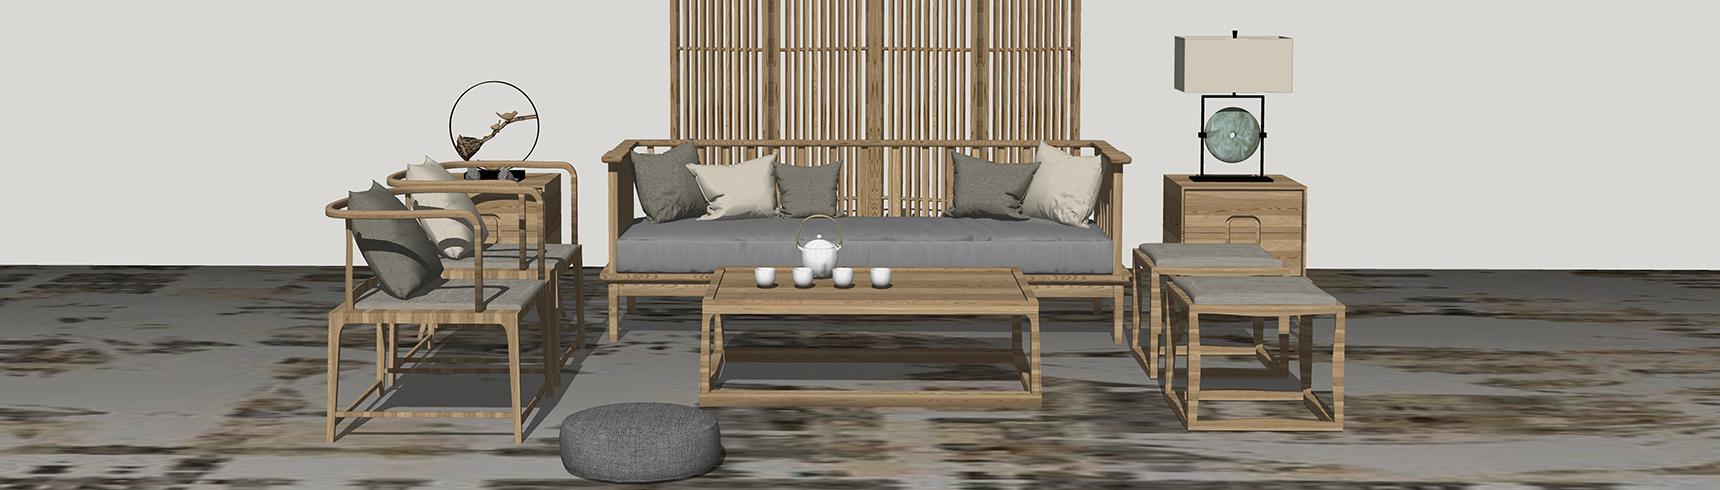 中式客厅沙发茶几屏风隔断组合SU模型下载